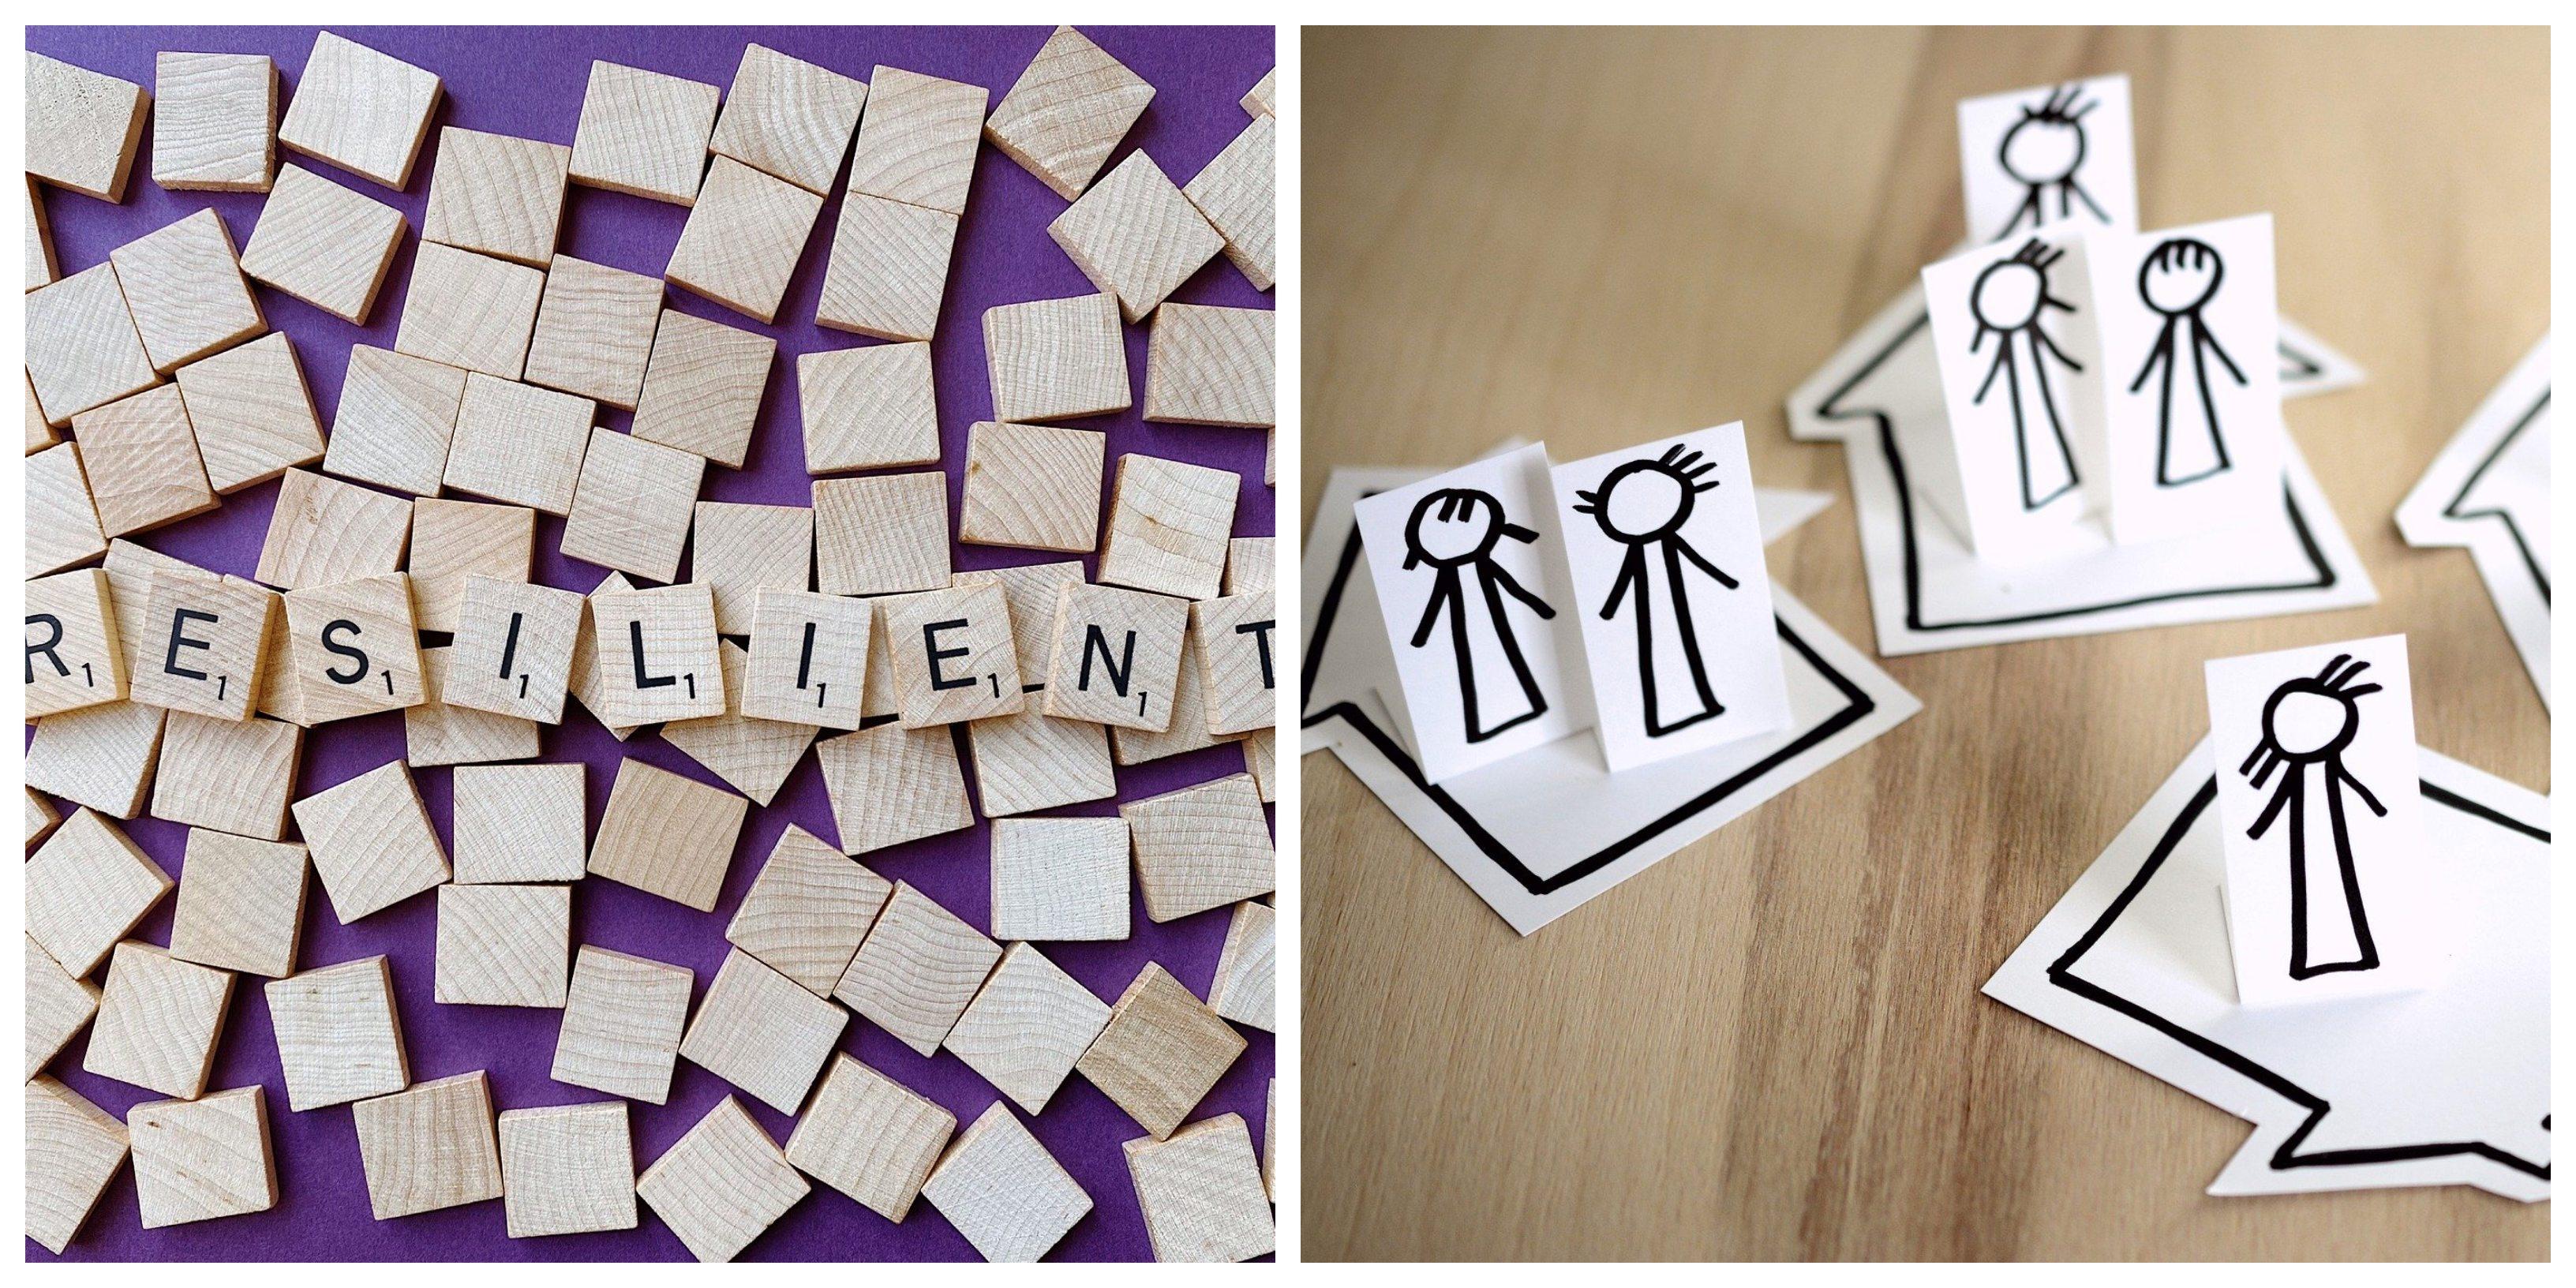 Mot Résilient en lettres de Scrabble et illustration de personnes en confinement à la maison